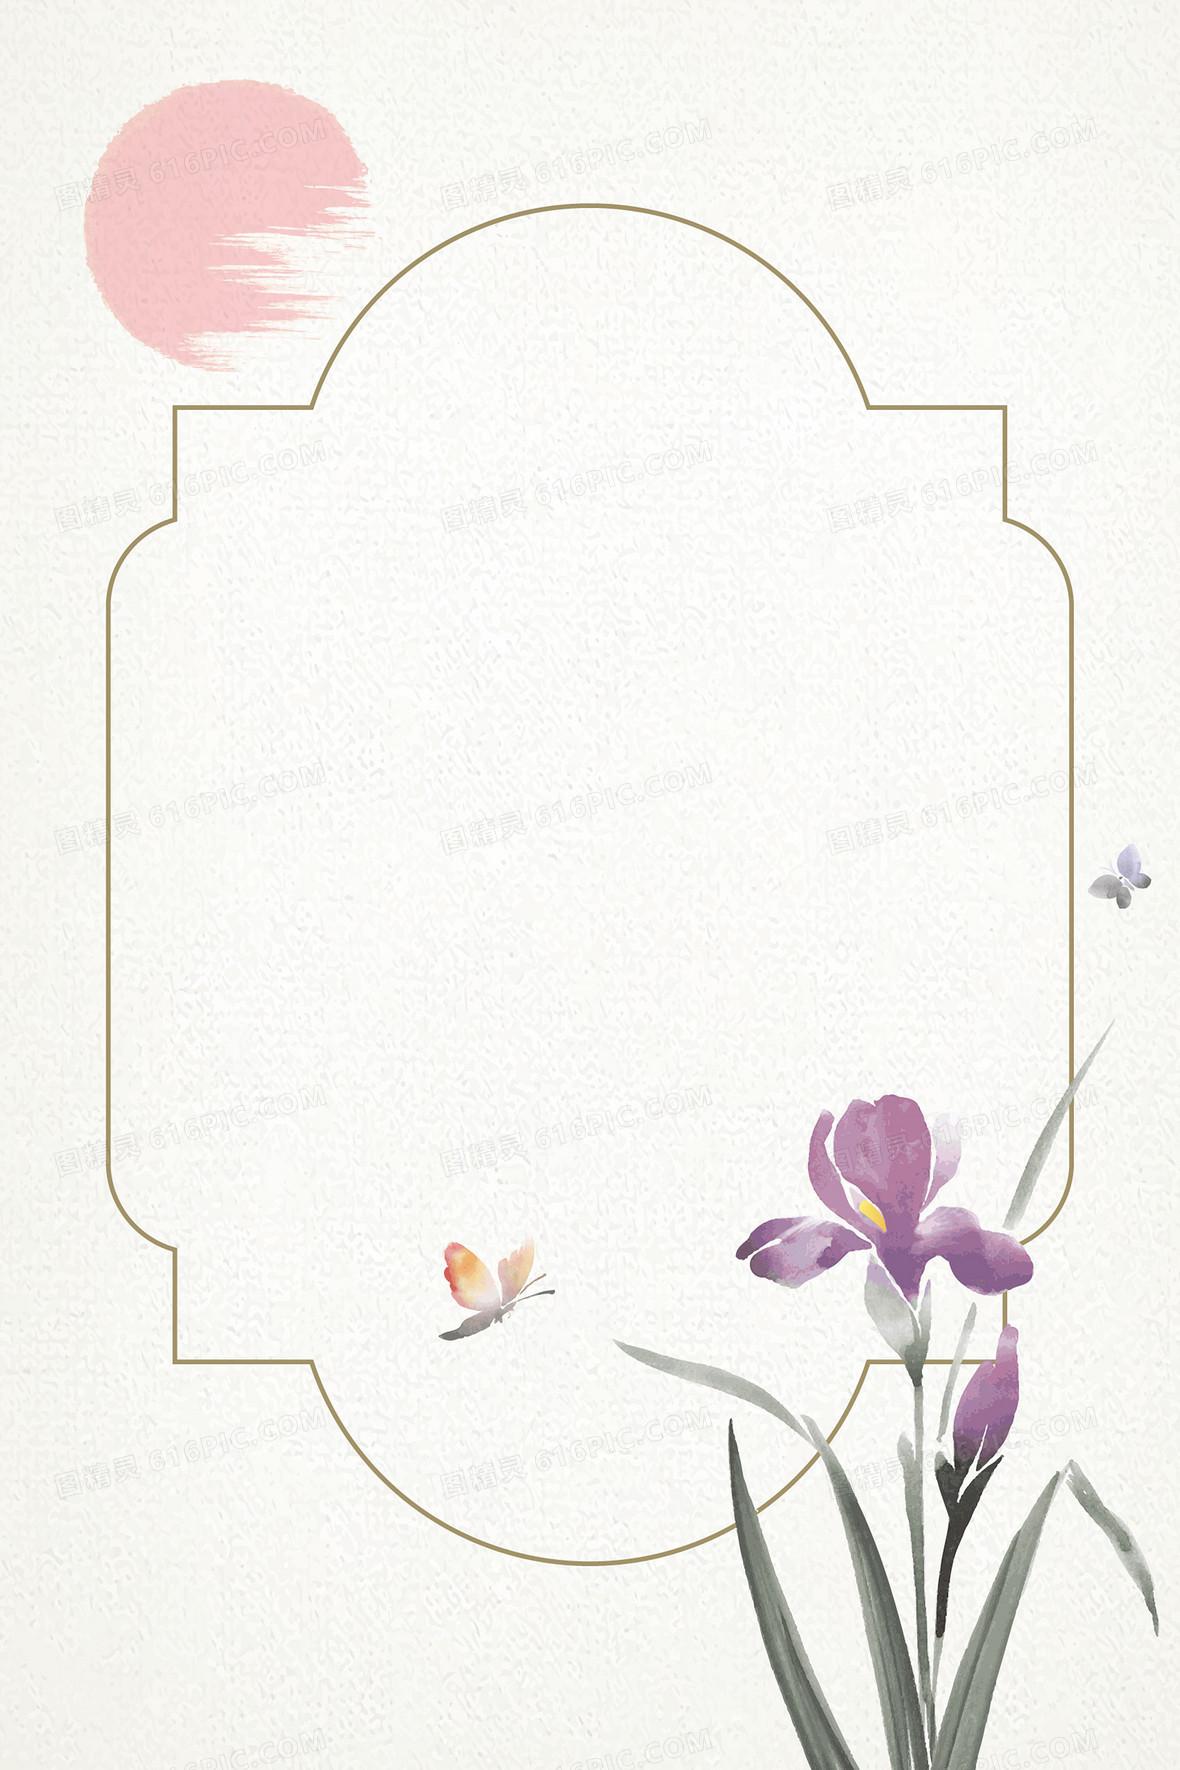 矢量文艺古风边框花卉背景